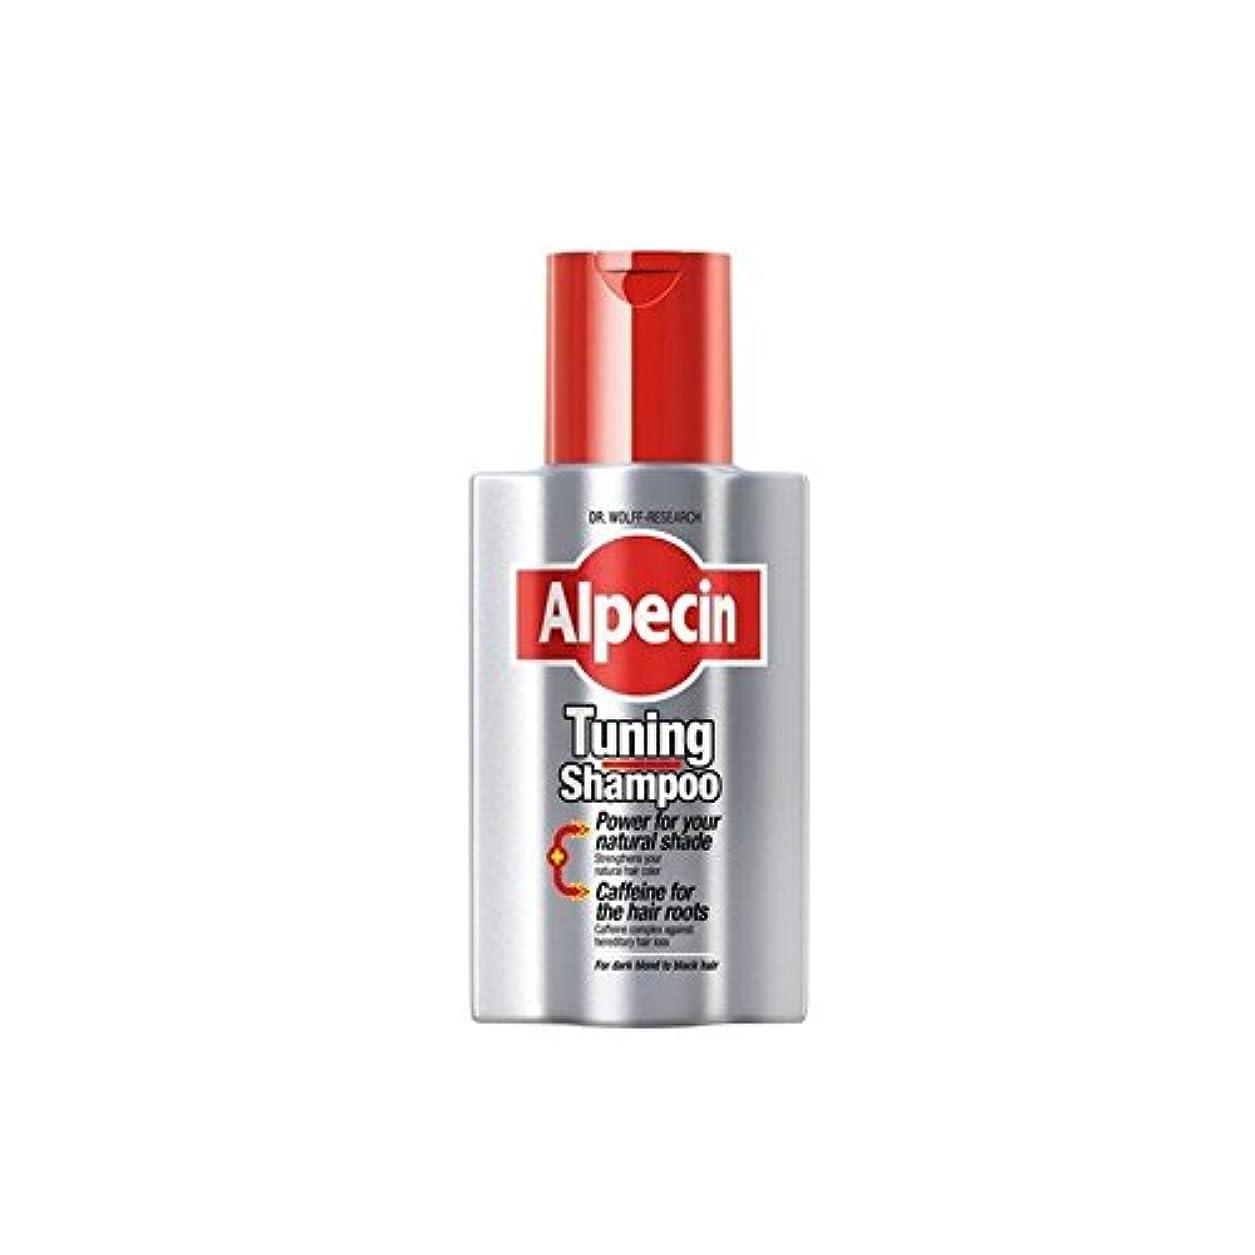 滅びるホステスドルAlpecin Tuning Shampoo (200ml) - チューニングシャンプー(200ミリリットル) [並行輸入品]